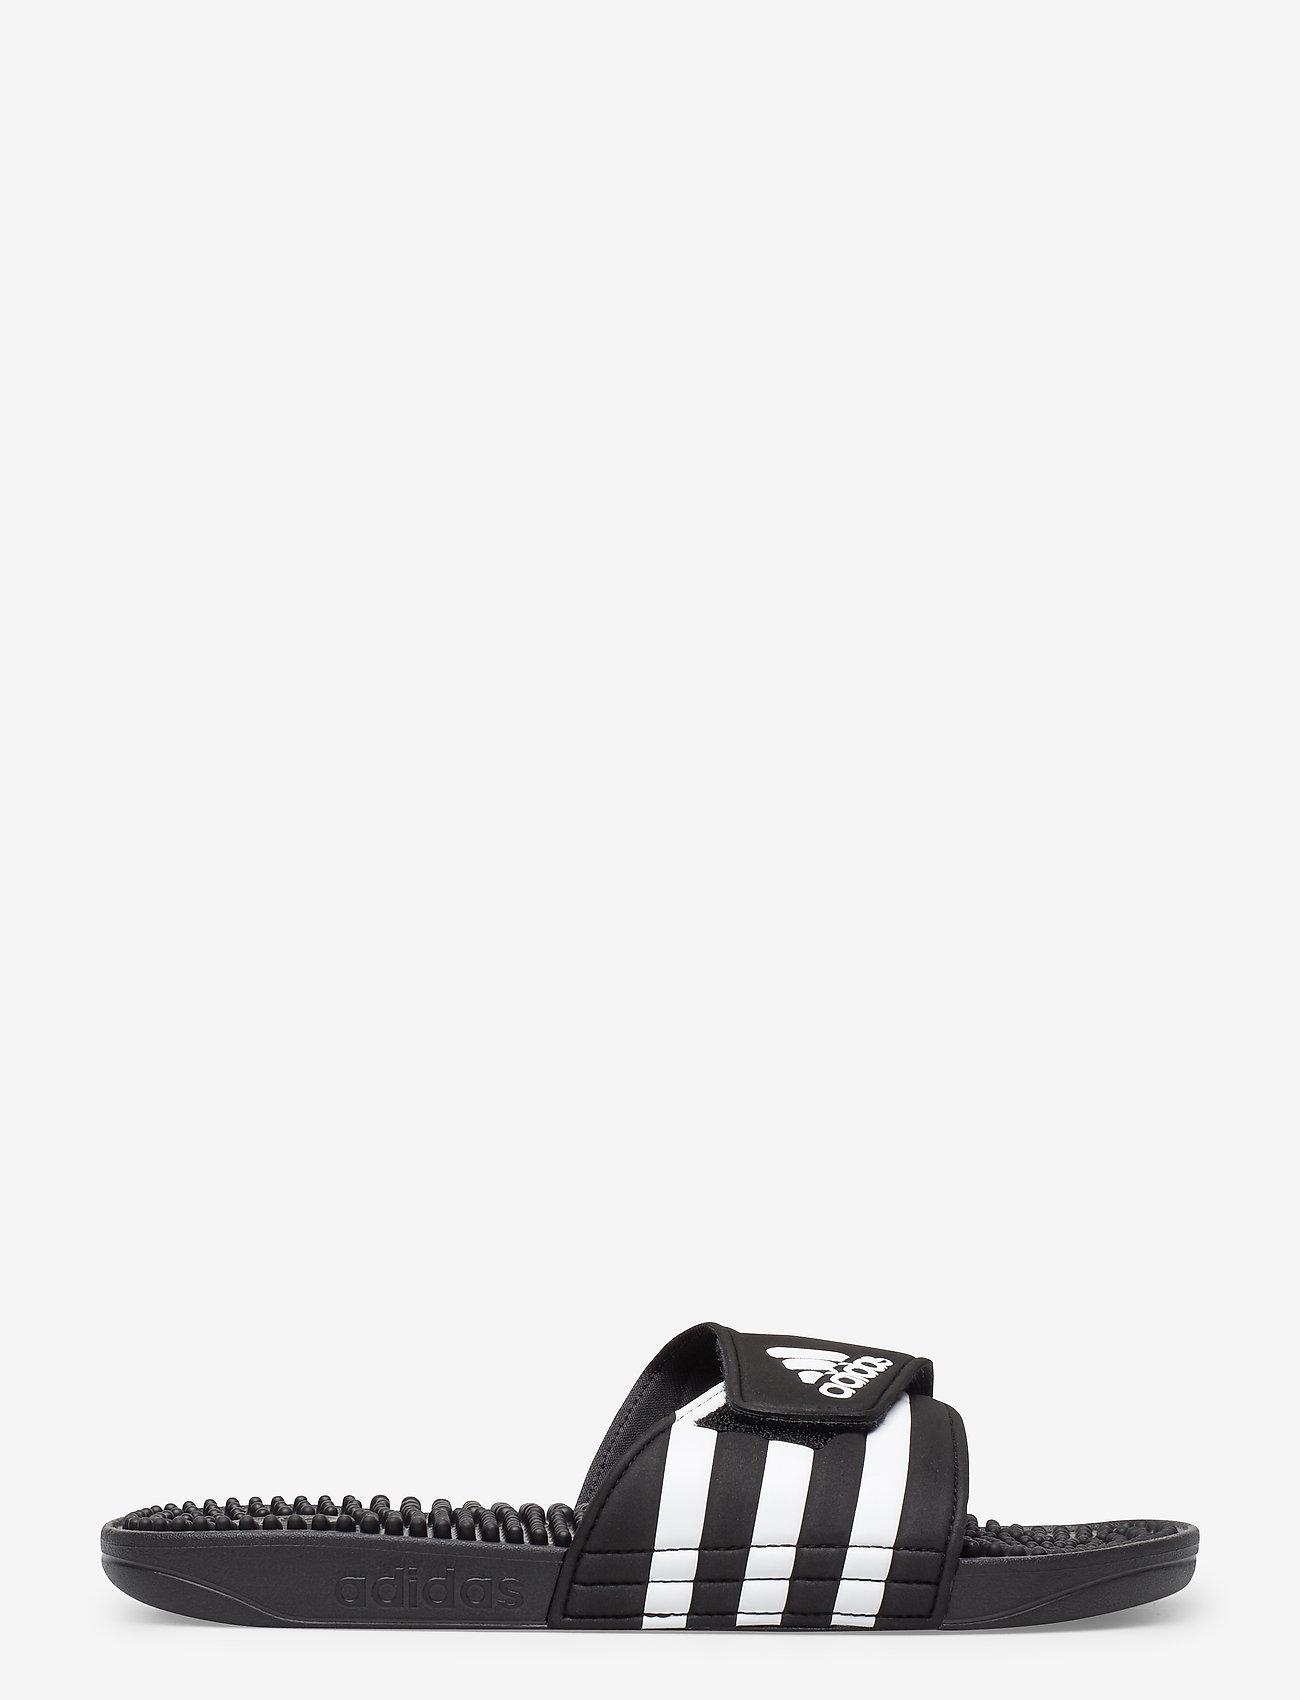 adidas Performance - ADISSAGE - pool sliders - cblack/ftwwht/cblack - 1